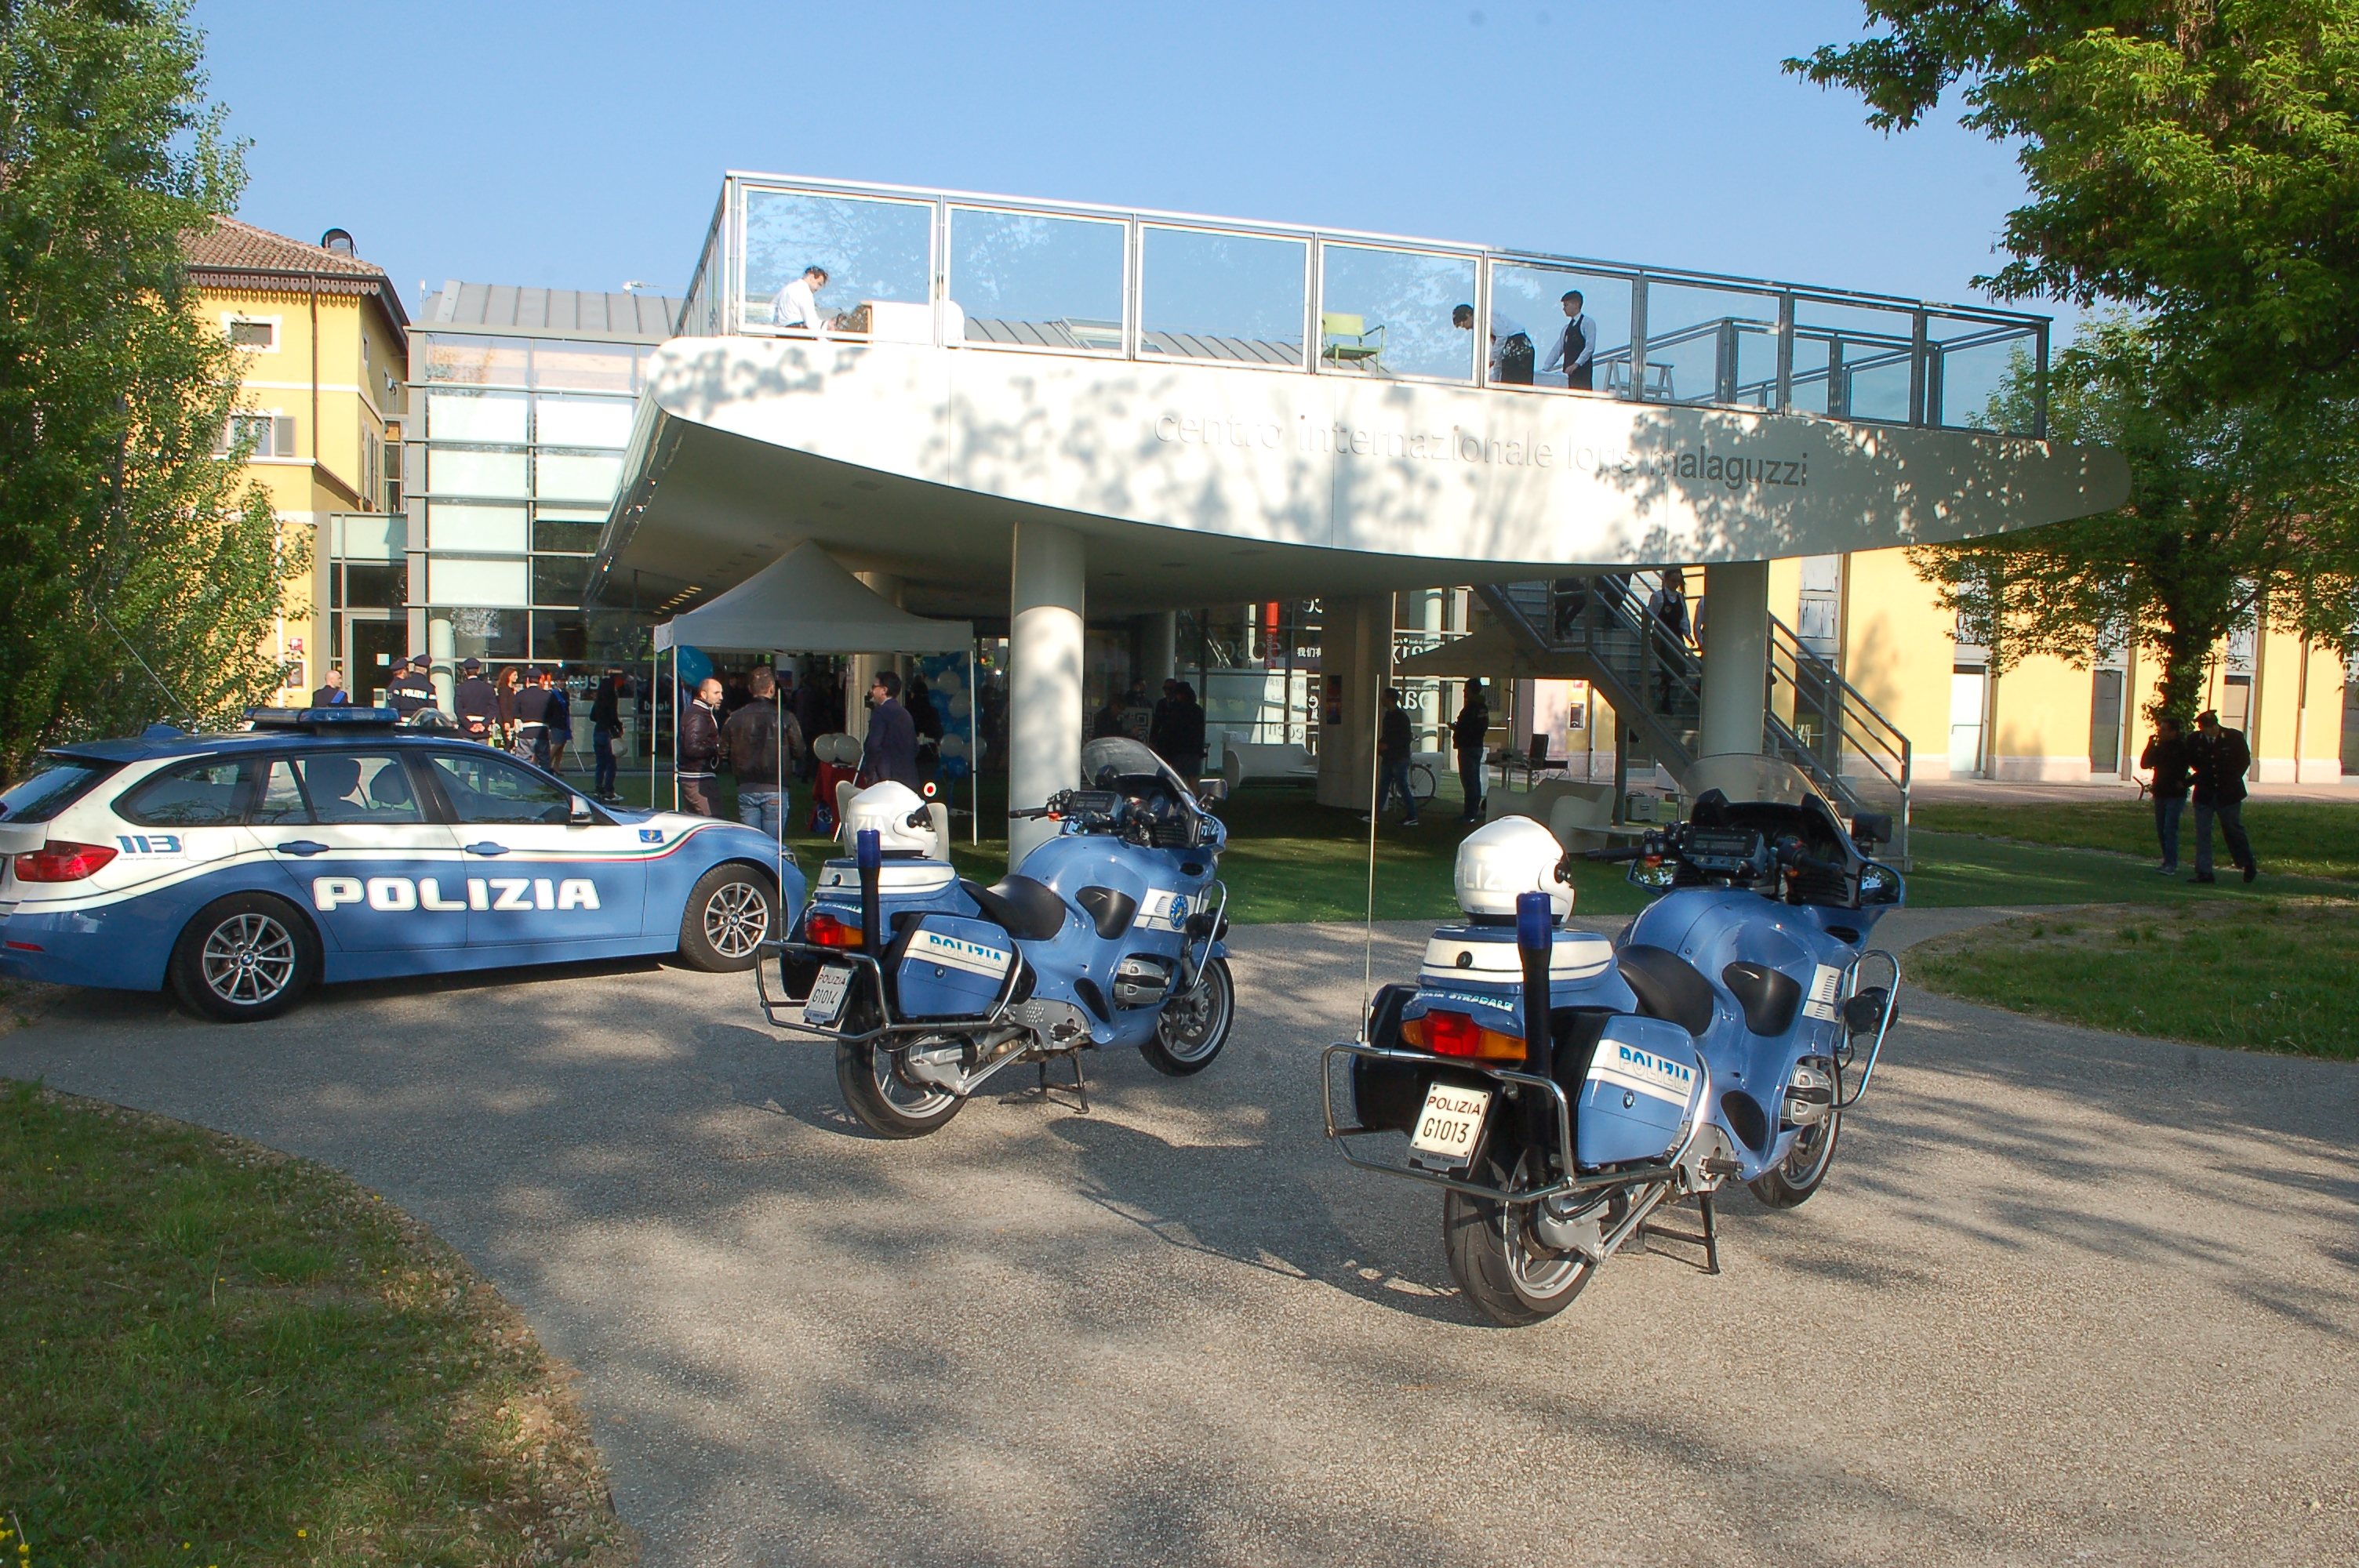 Festa della polizia reggio emilia for Questura di reggio emilia permessi di soggiorno